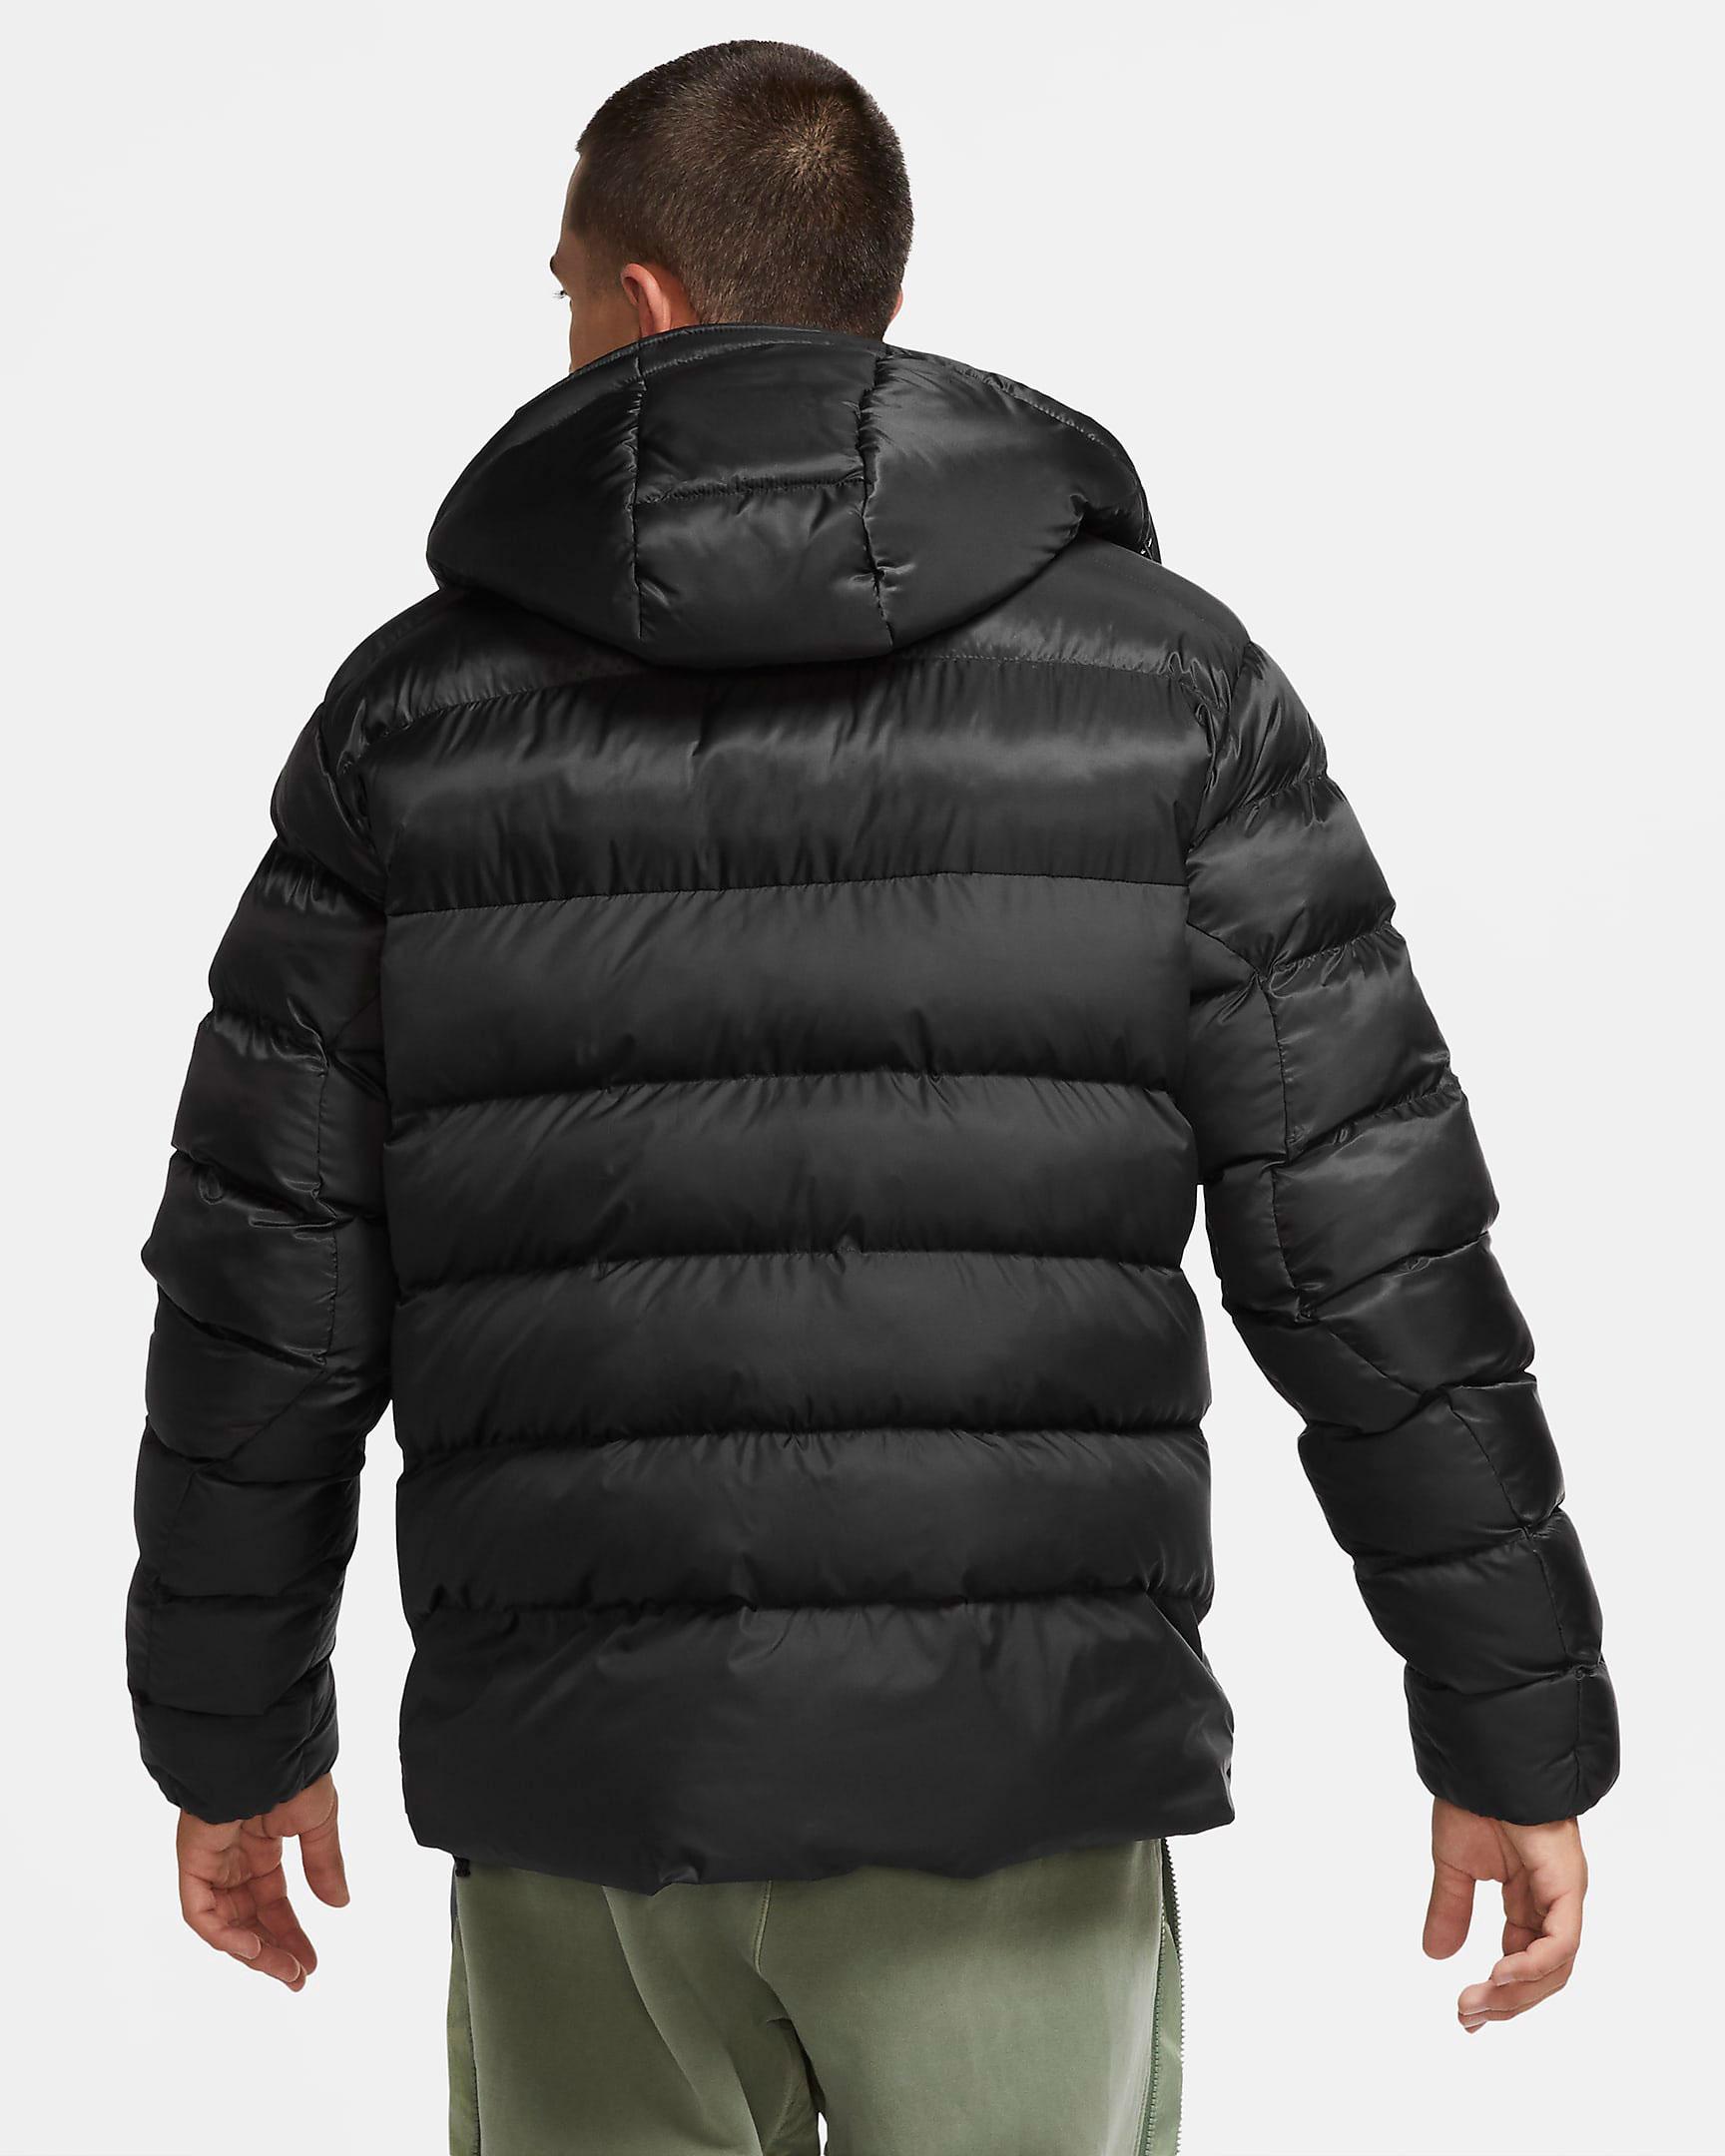 jordan-jumpman-puffer-jacket-black-white-2